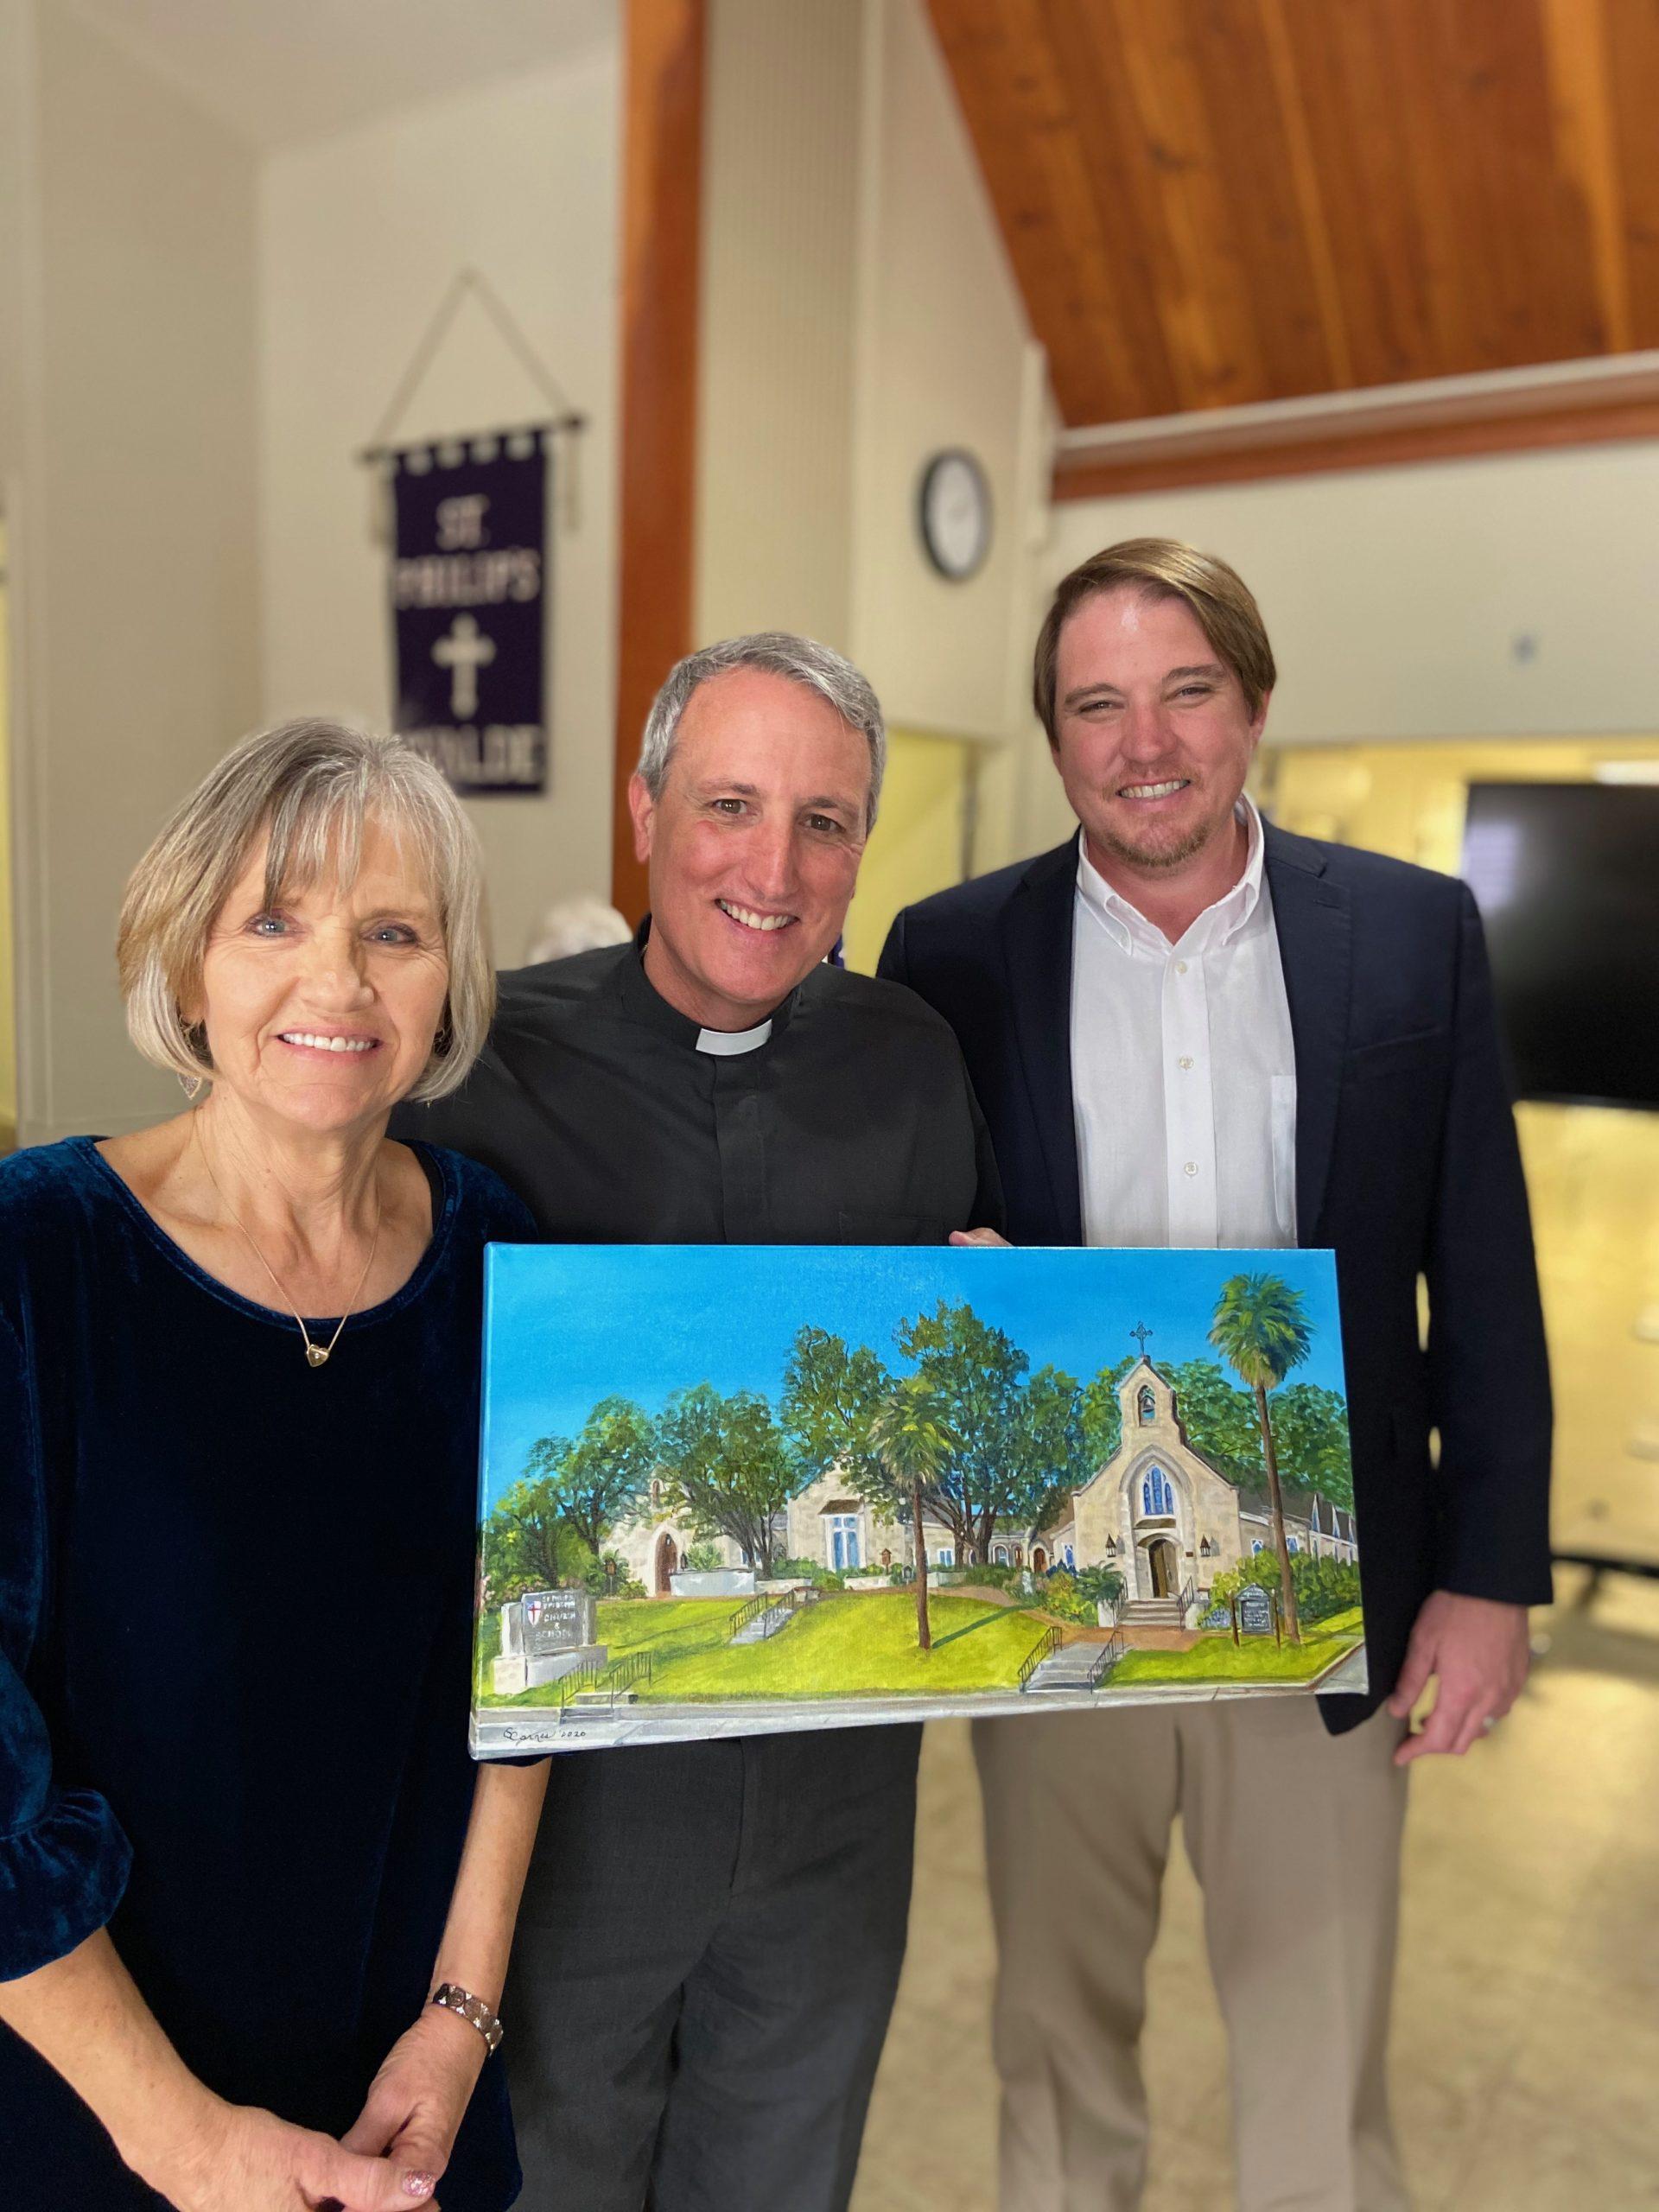 Mike Marsh - St. Philip's Episcopal Church Uvalde, Texas